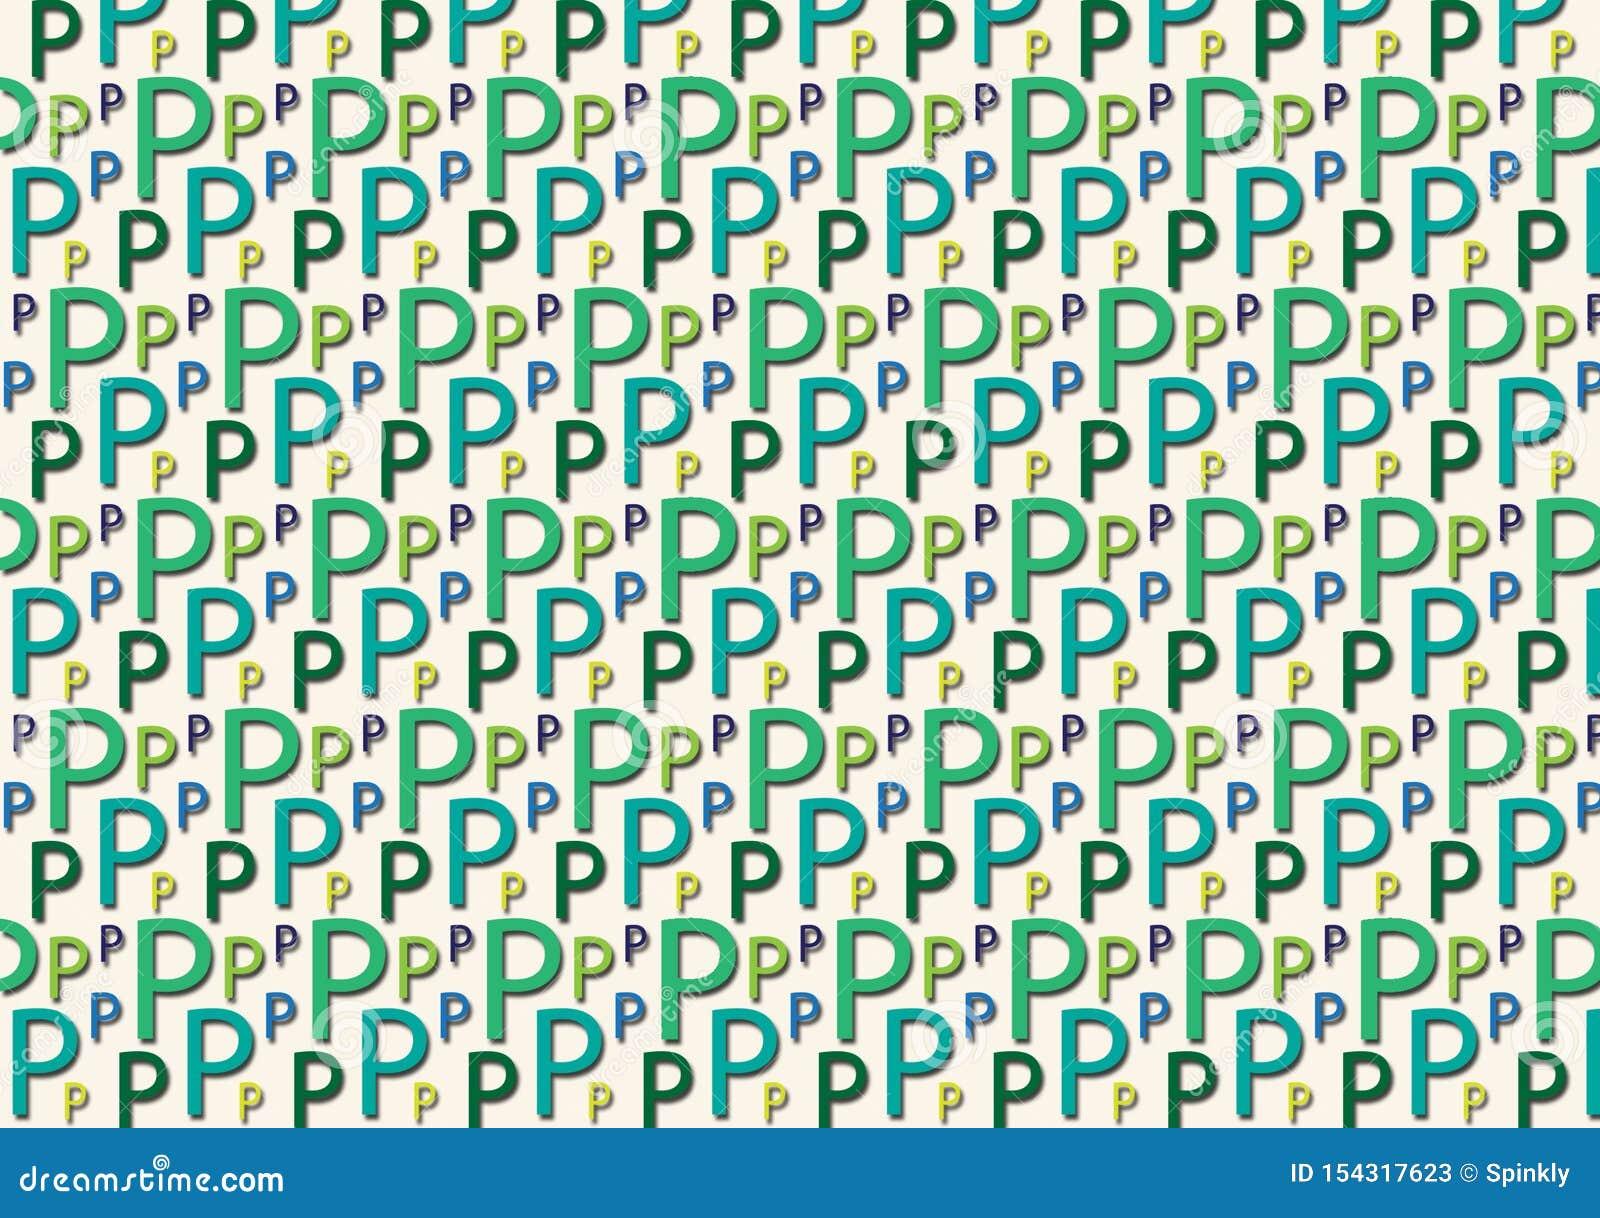 Brievenp patroon in verschillende gekleurde blauwgroene schaduwen